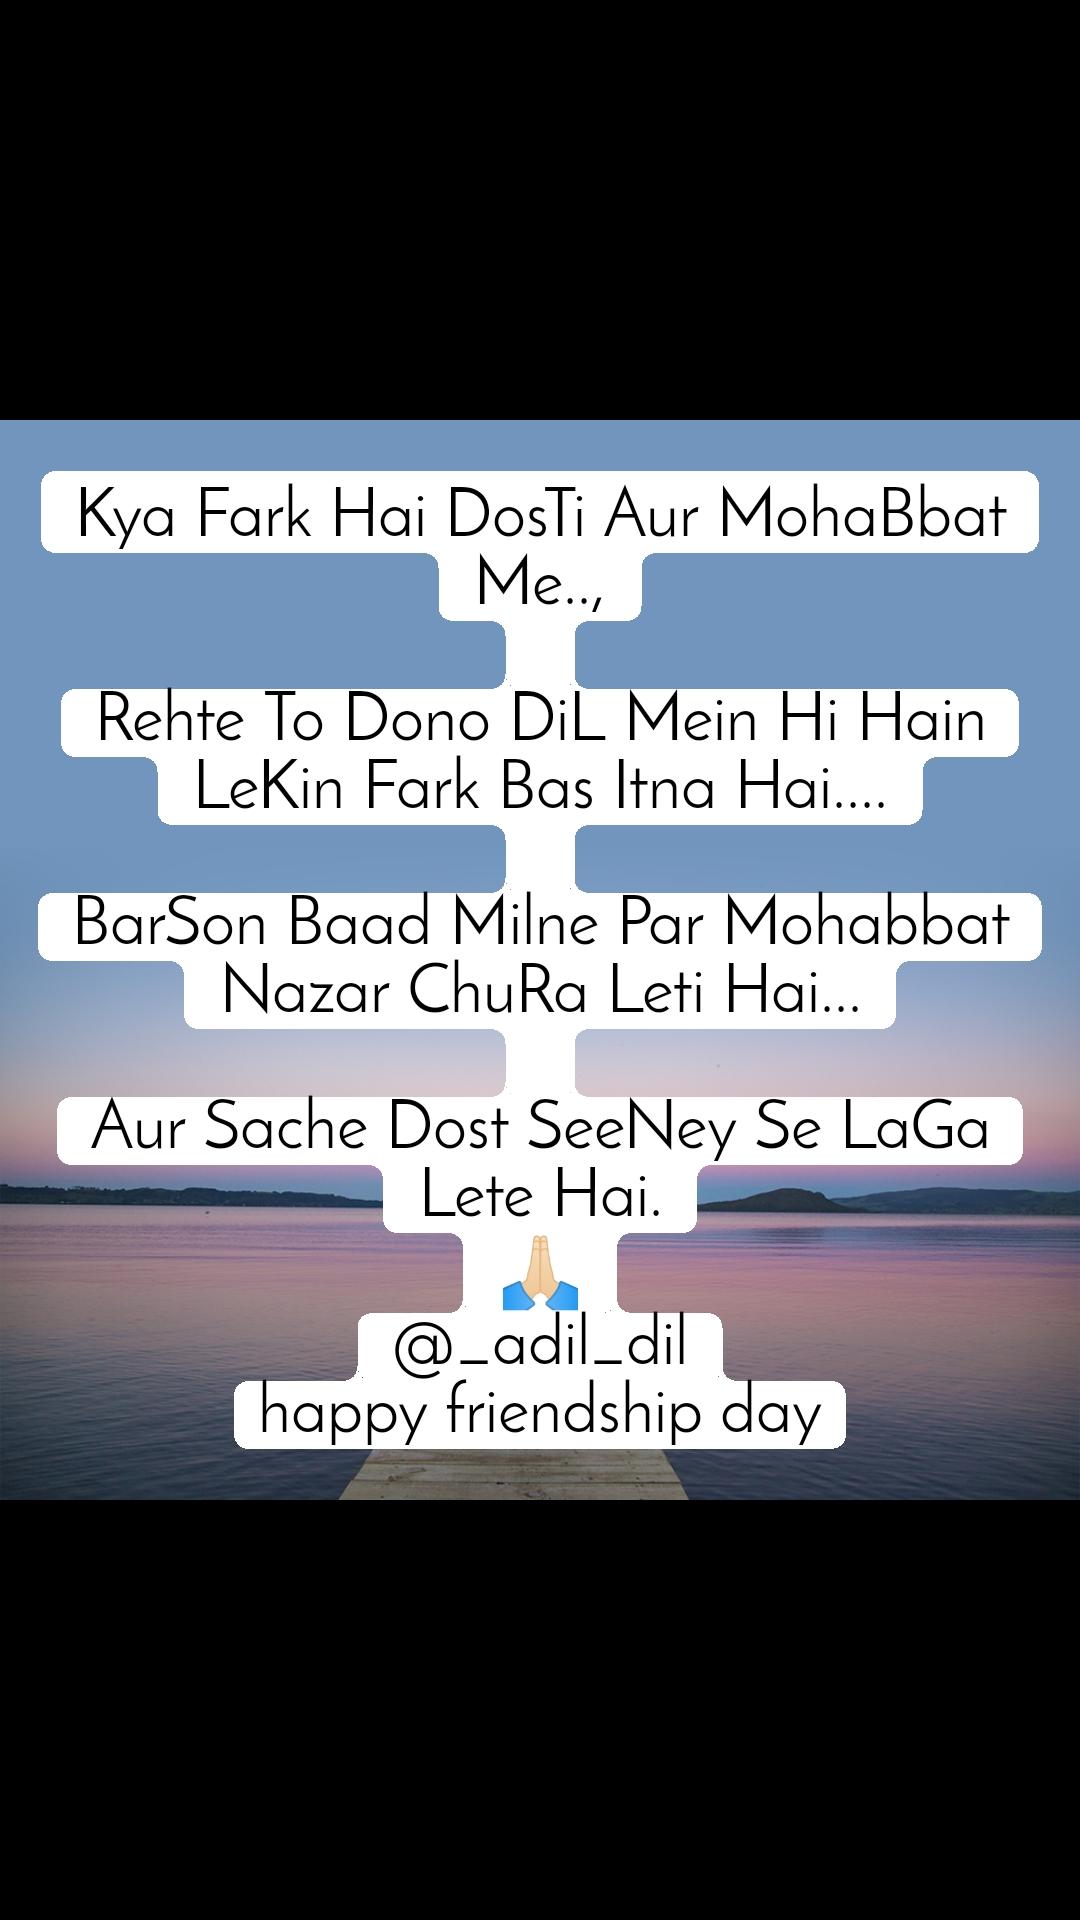 Kya Fark Hai DosTi Aur MohaBbat Me..,  Rehte To Dono DiL Mein Hi Hain LeKin Fark Bas Itna Hai....  BarSon Baad Milne Par Mohabbat Nazar ChuRa Leti Hai...  Aur Sache Dost SeeNey Se LaGa Lete Hai. 🙏🏻 @_adil_dil happy friendship day